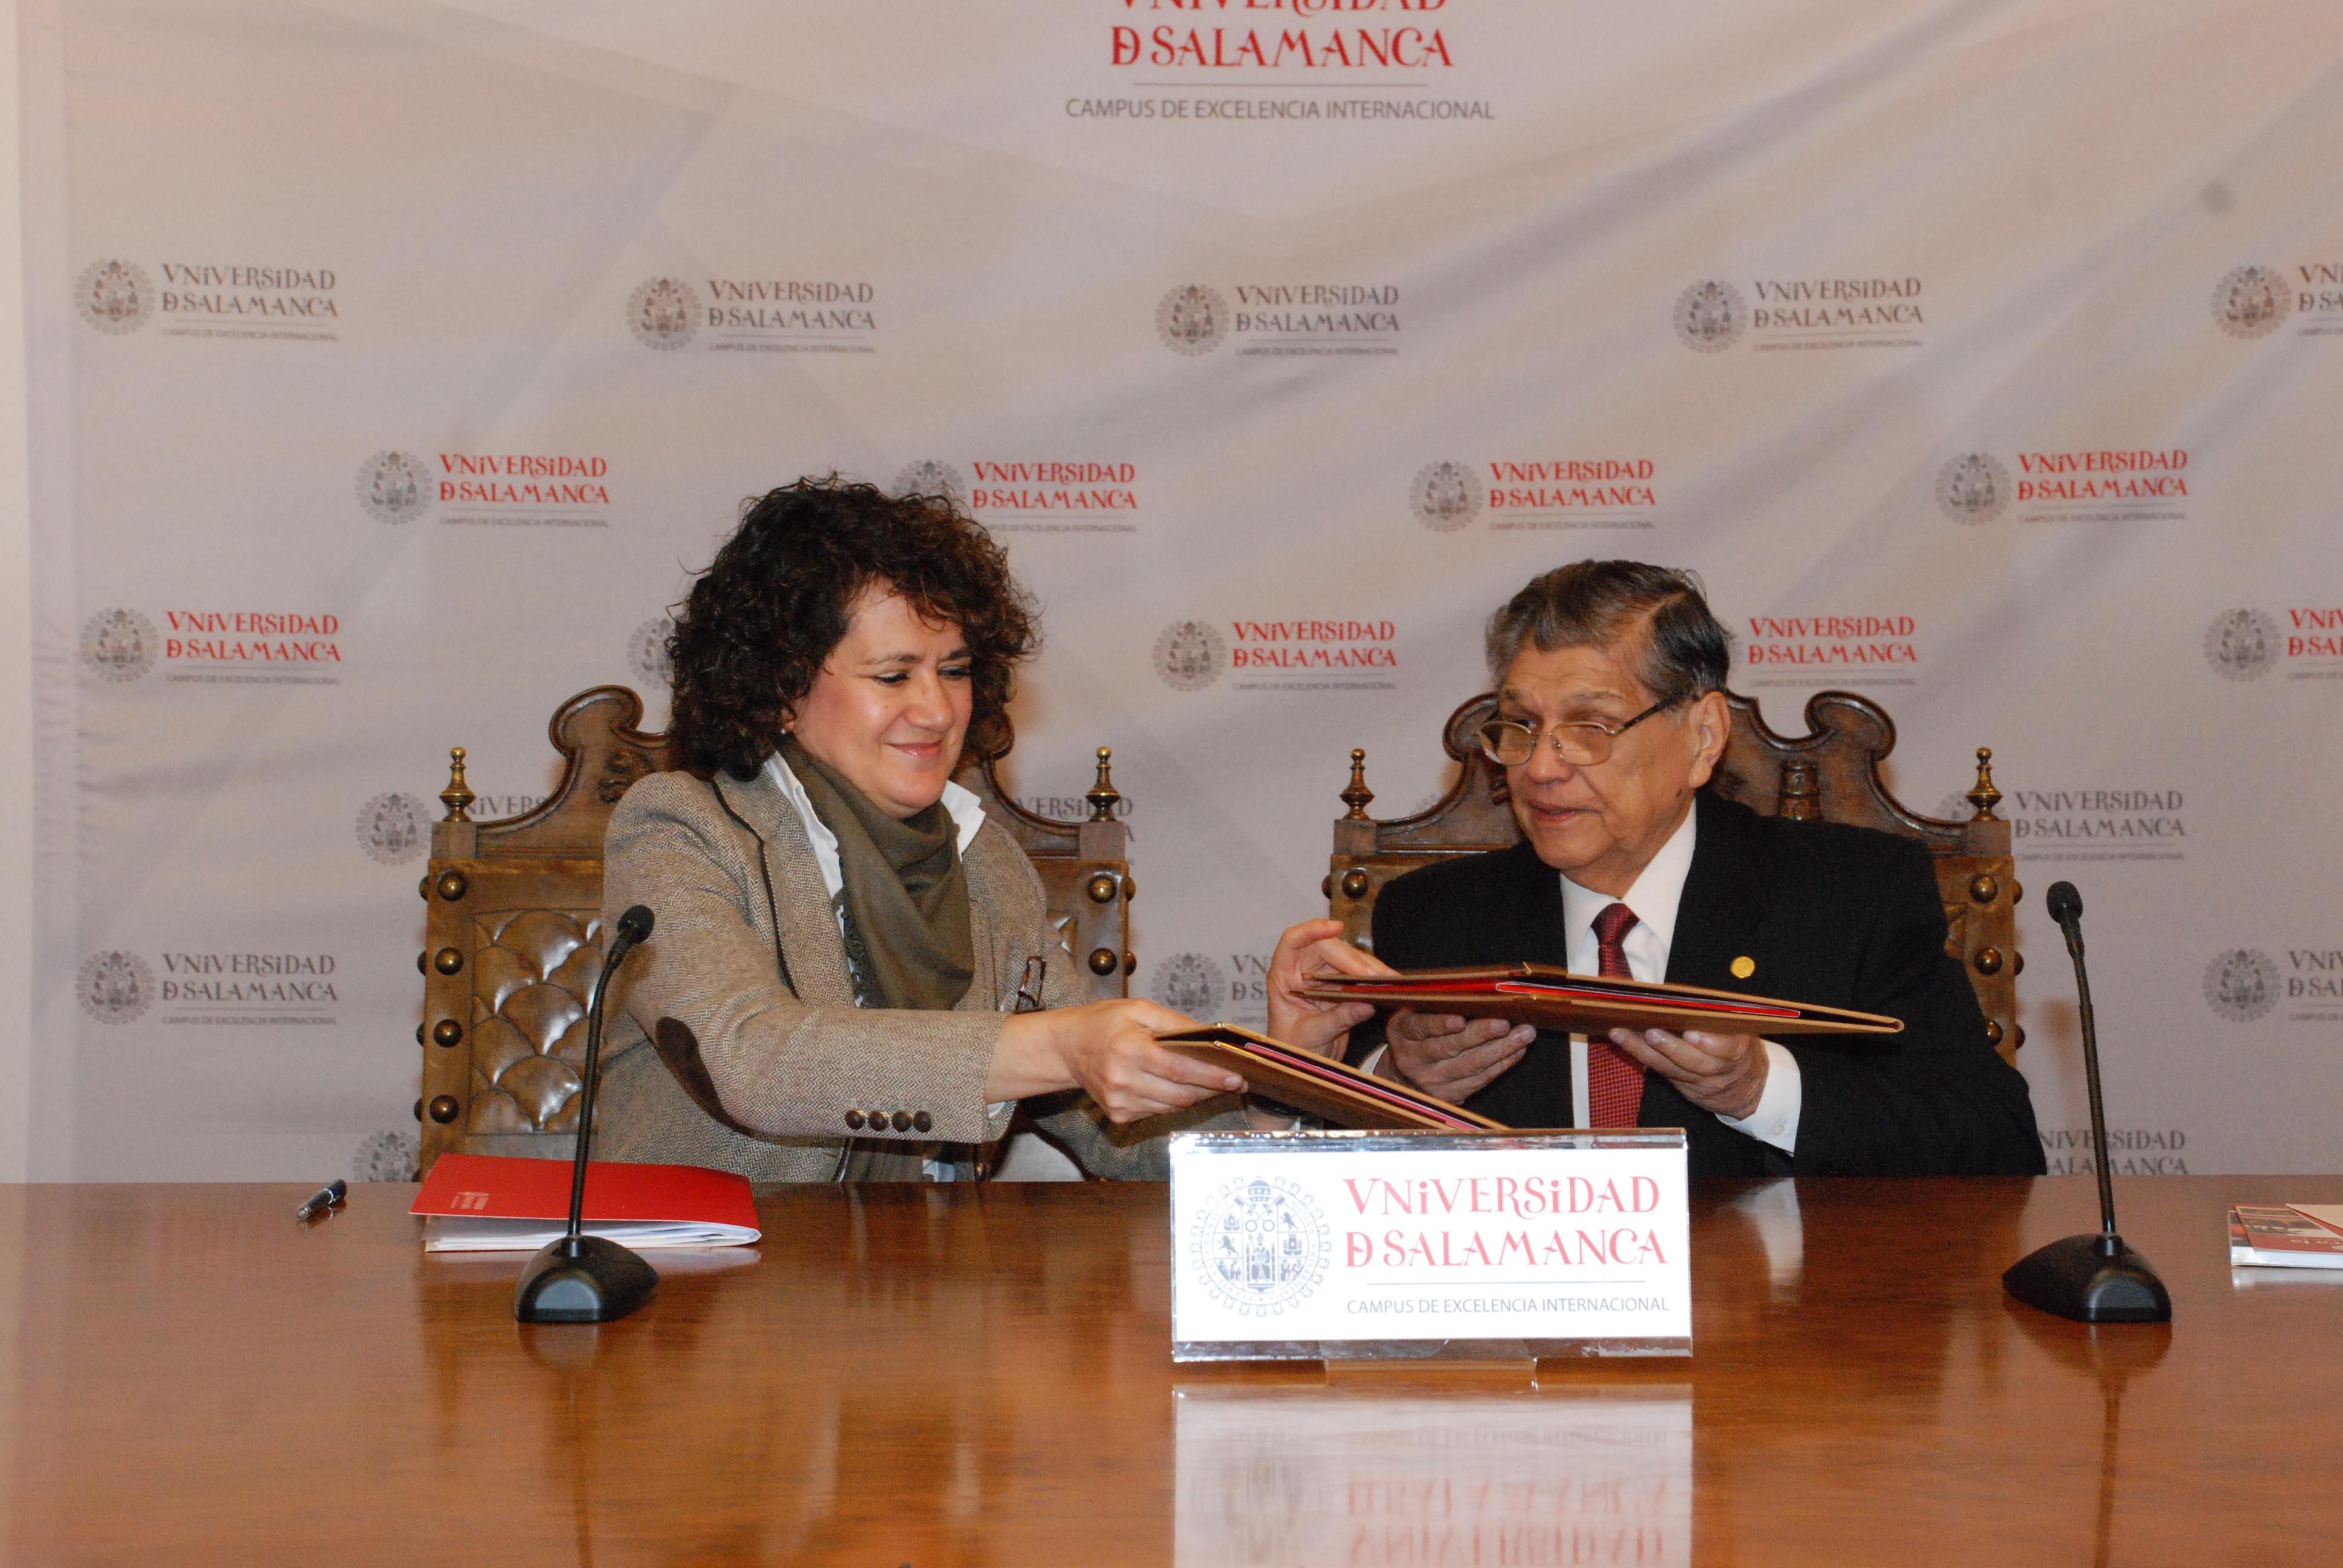 Las universidades de Salamanca y Nacional de Asunción  suscriben un convenio marco de colaboración